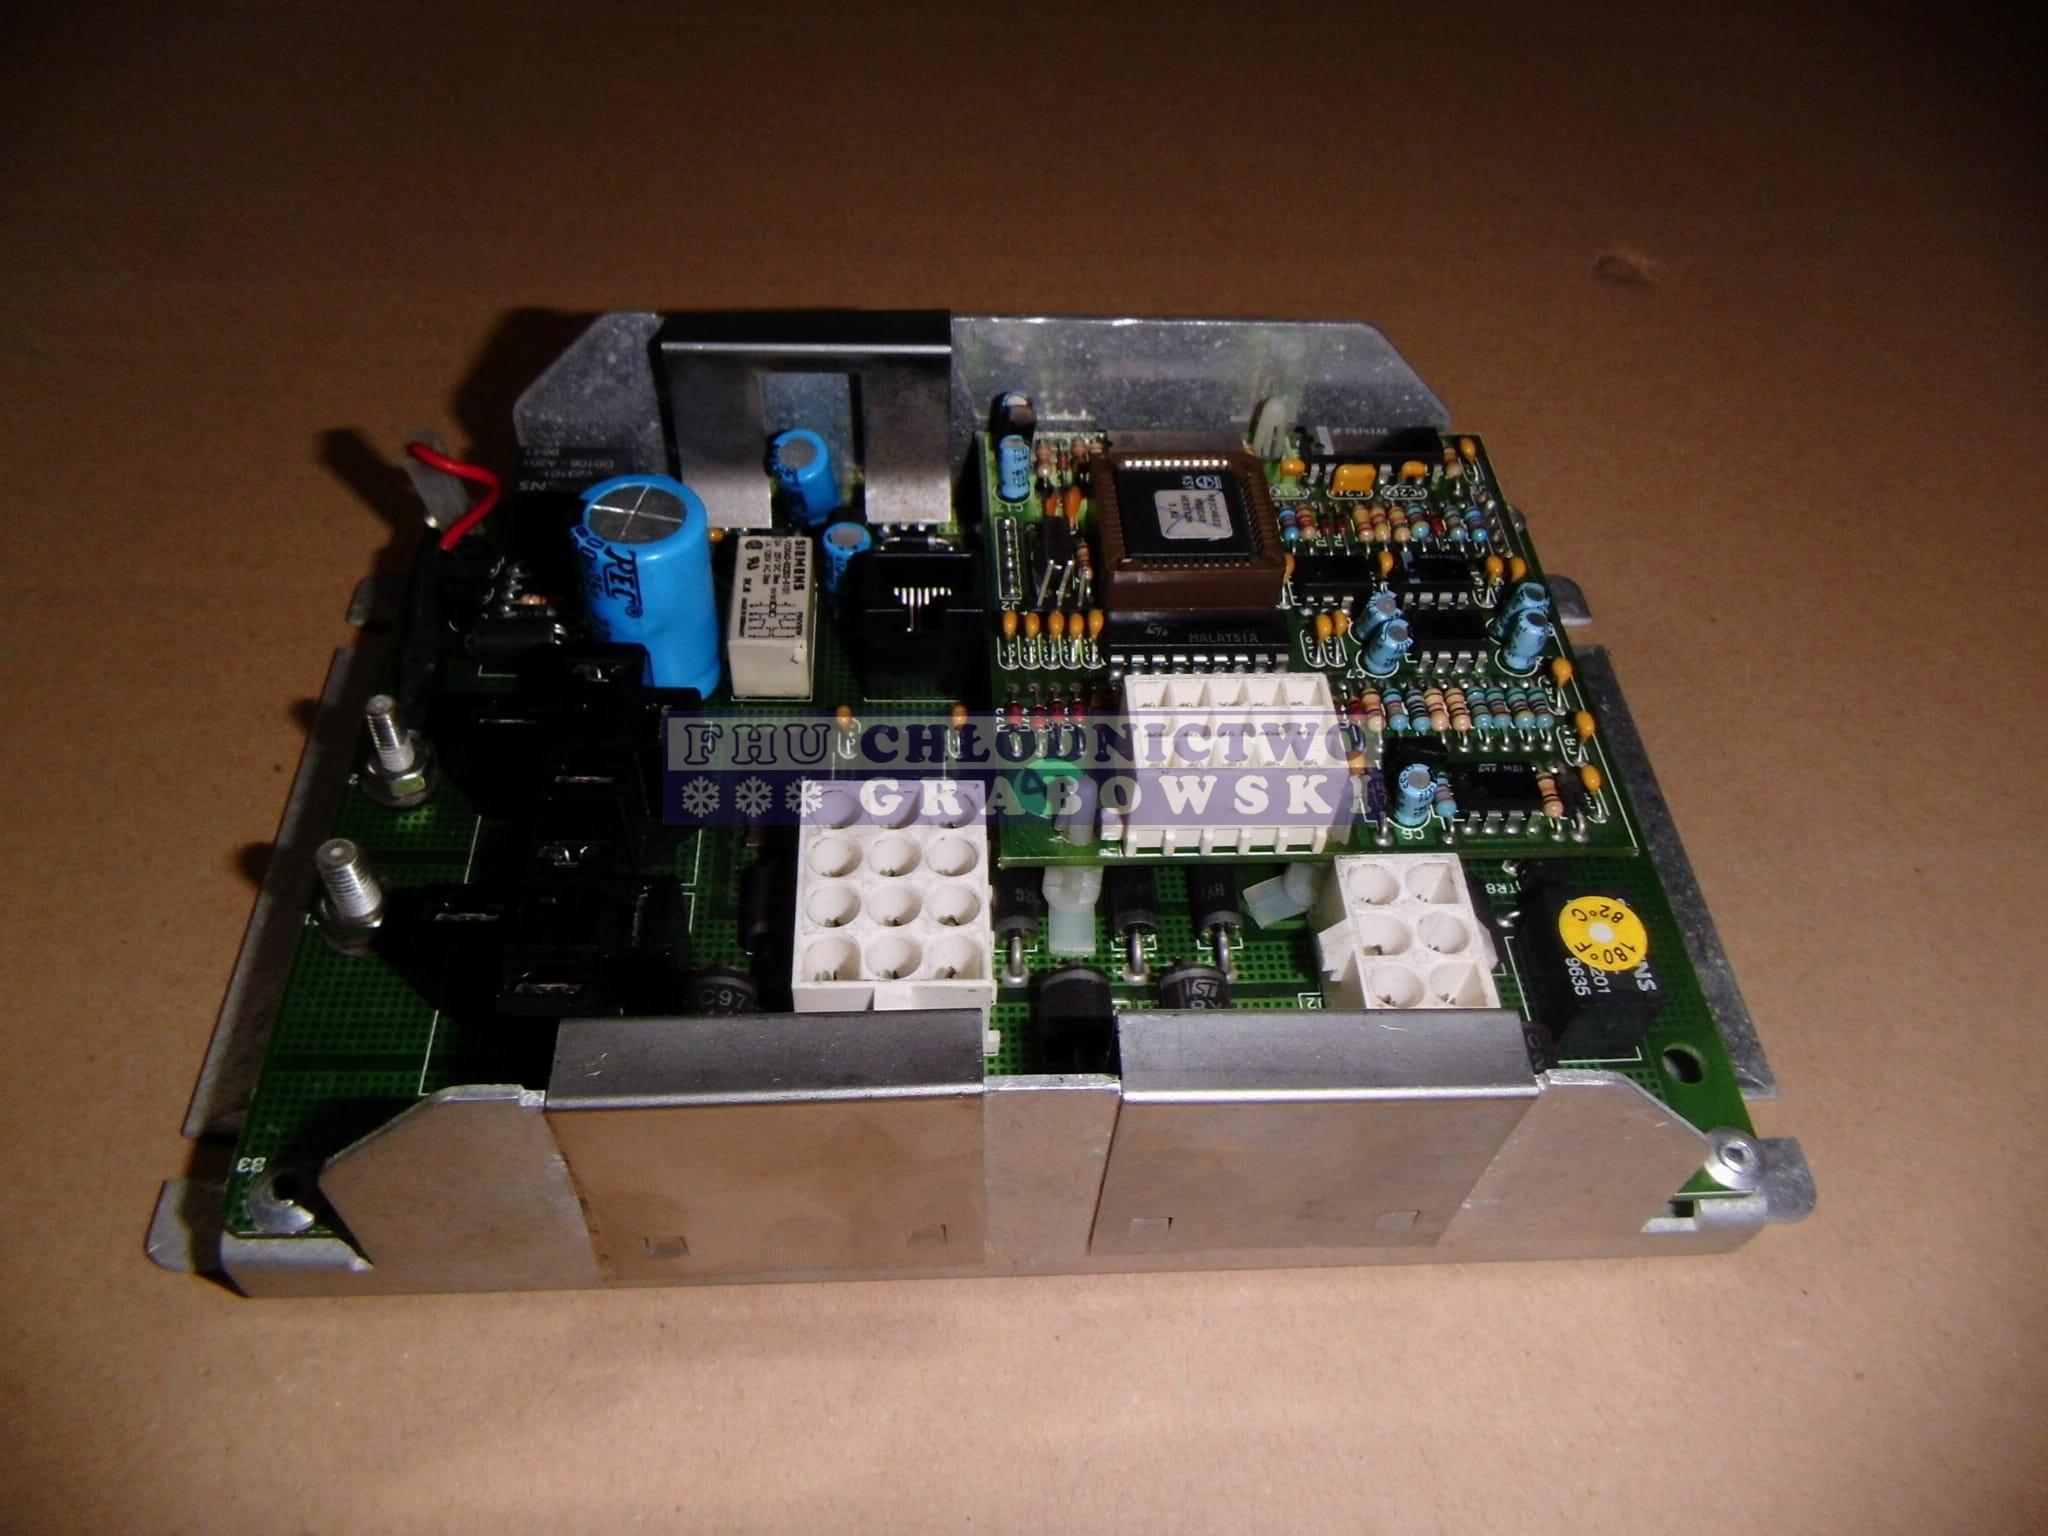 Блок управления управляющий модуль контрольный модуль zephyr  Блок управления управляющий модуль контрольный модуль zephyr 20 30s 12 60029 15 regenerated